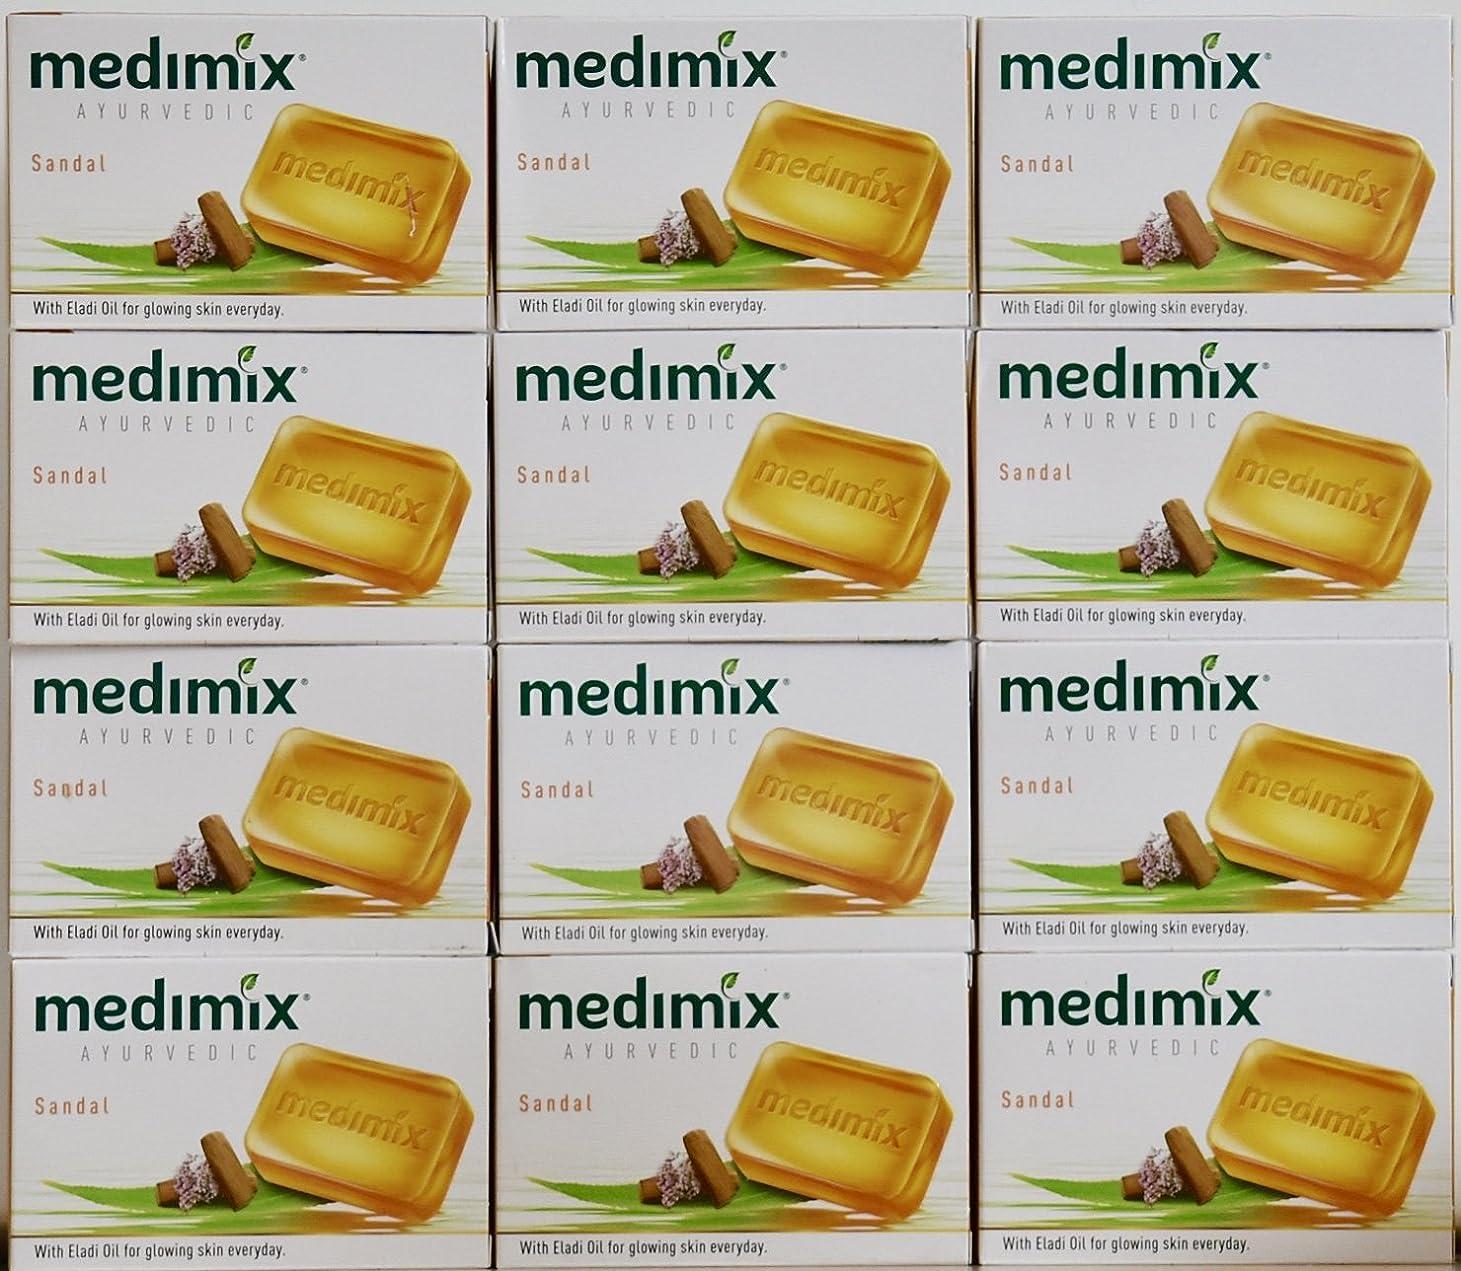 インストラクターホバー職業medimix メディミックス アーユルヴェディックサンダル 石鹸(旧商品名クラシックオレンジ))125g 12個入り